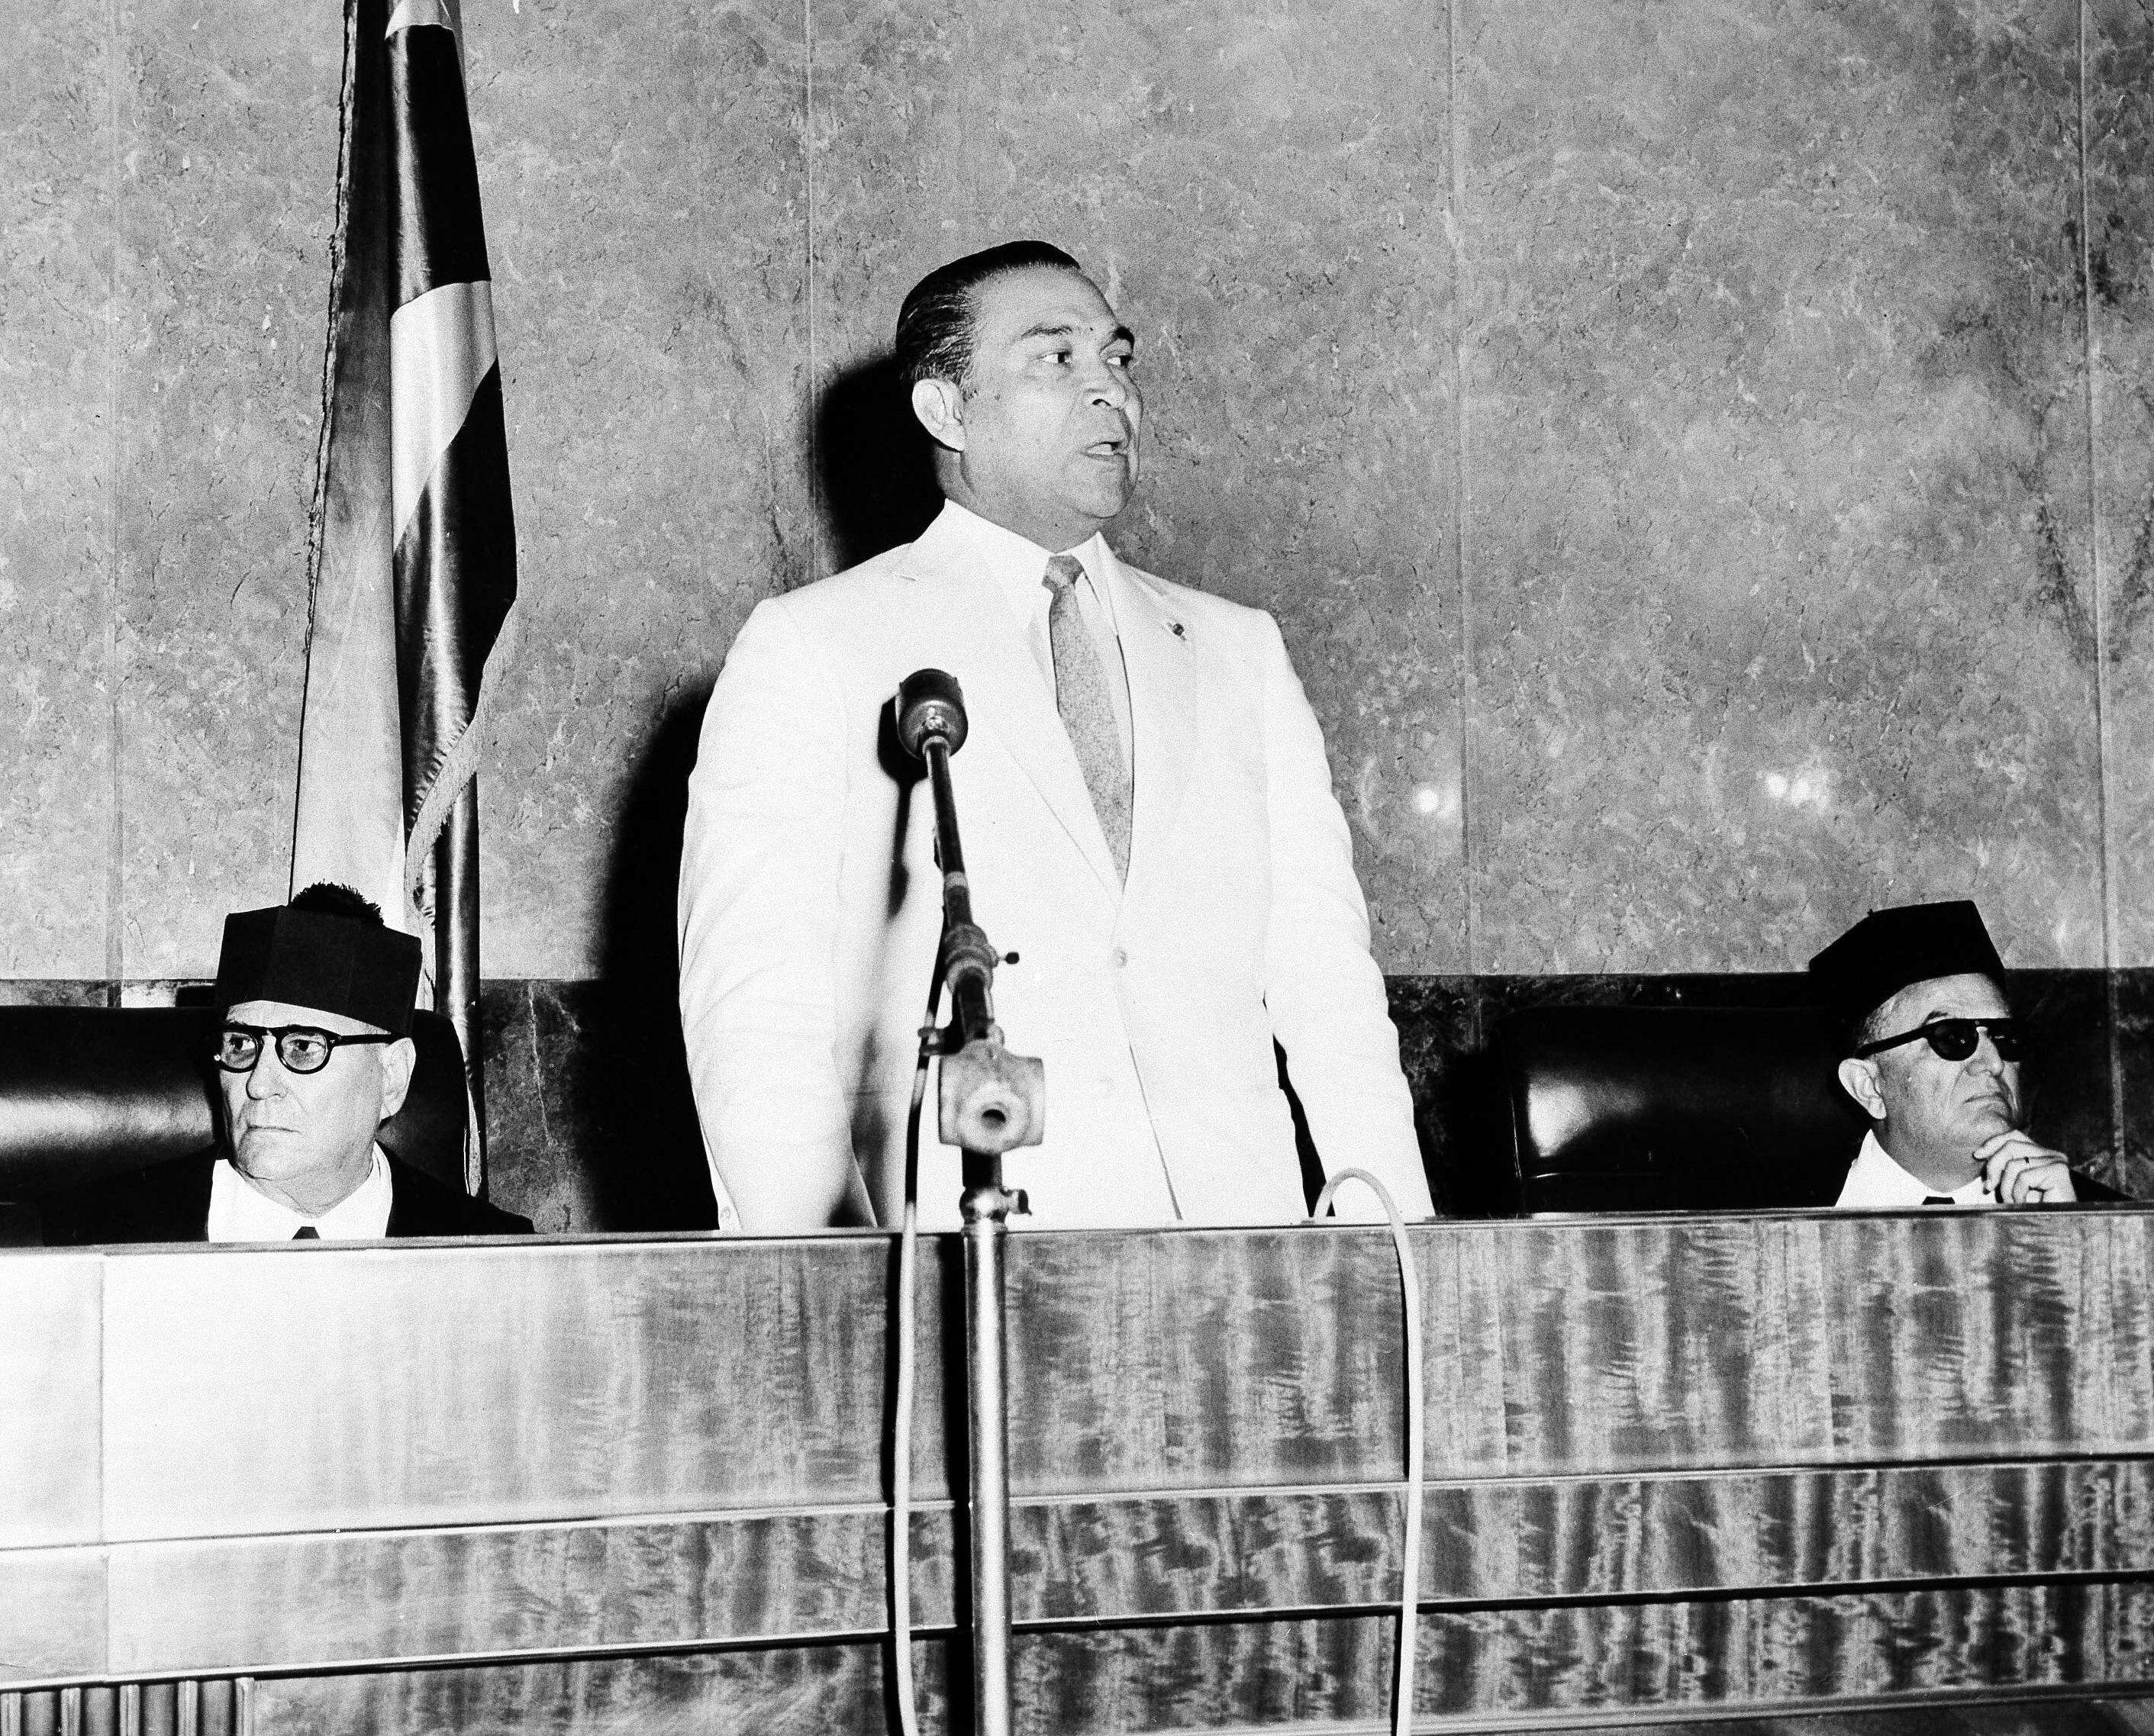 Golpe de estado del 10 de marzo de 1952: Día triste en la historia cubana